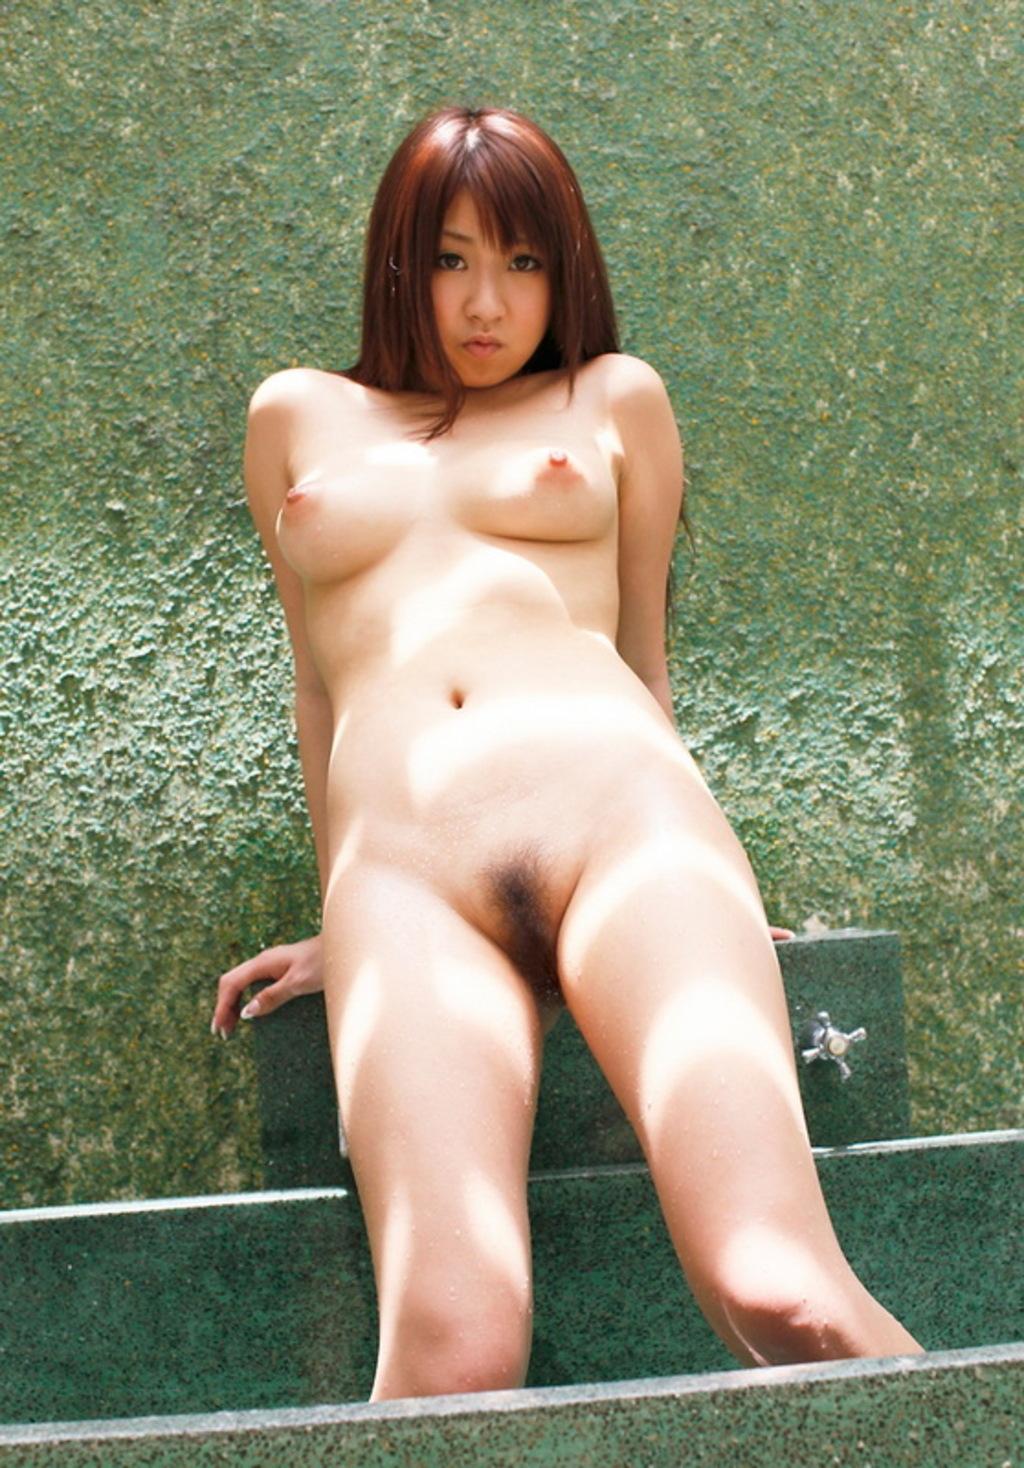 三次元 3次元 エロ画像 AV女優 北川瞳 ヌード べっぴん娘通信 010